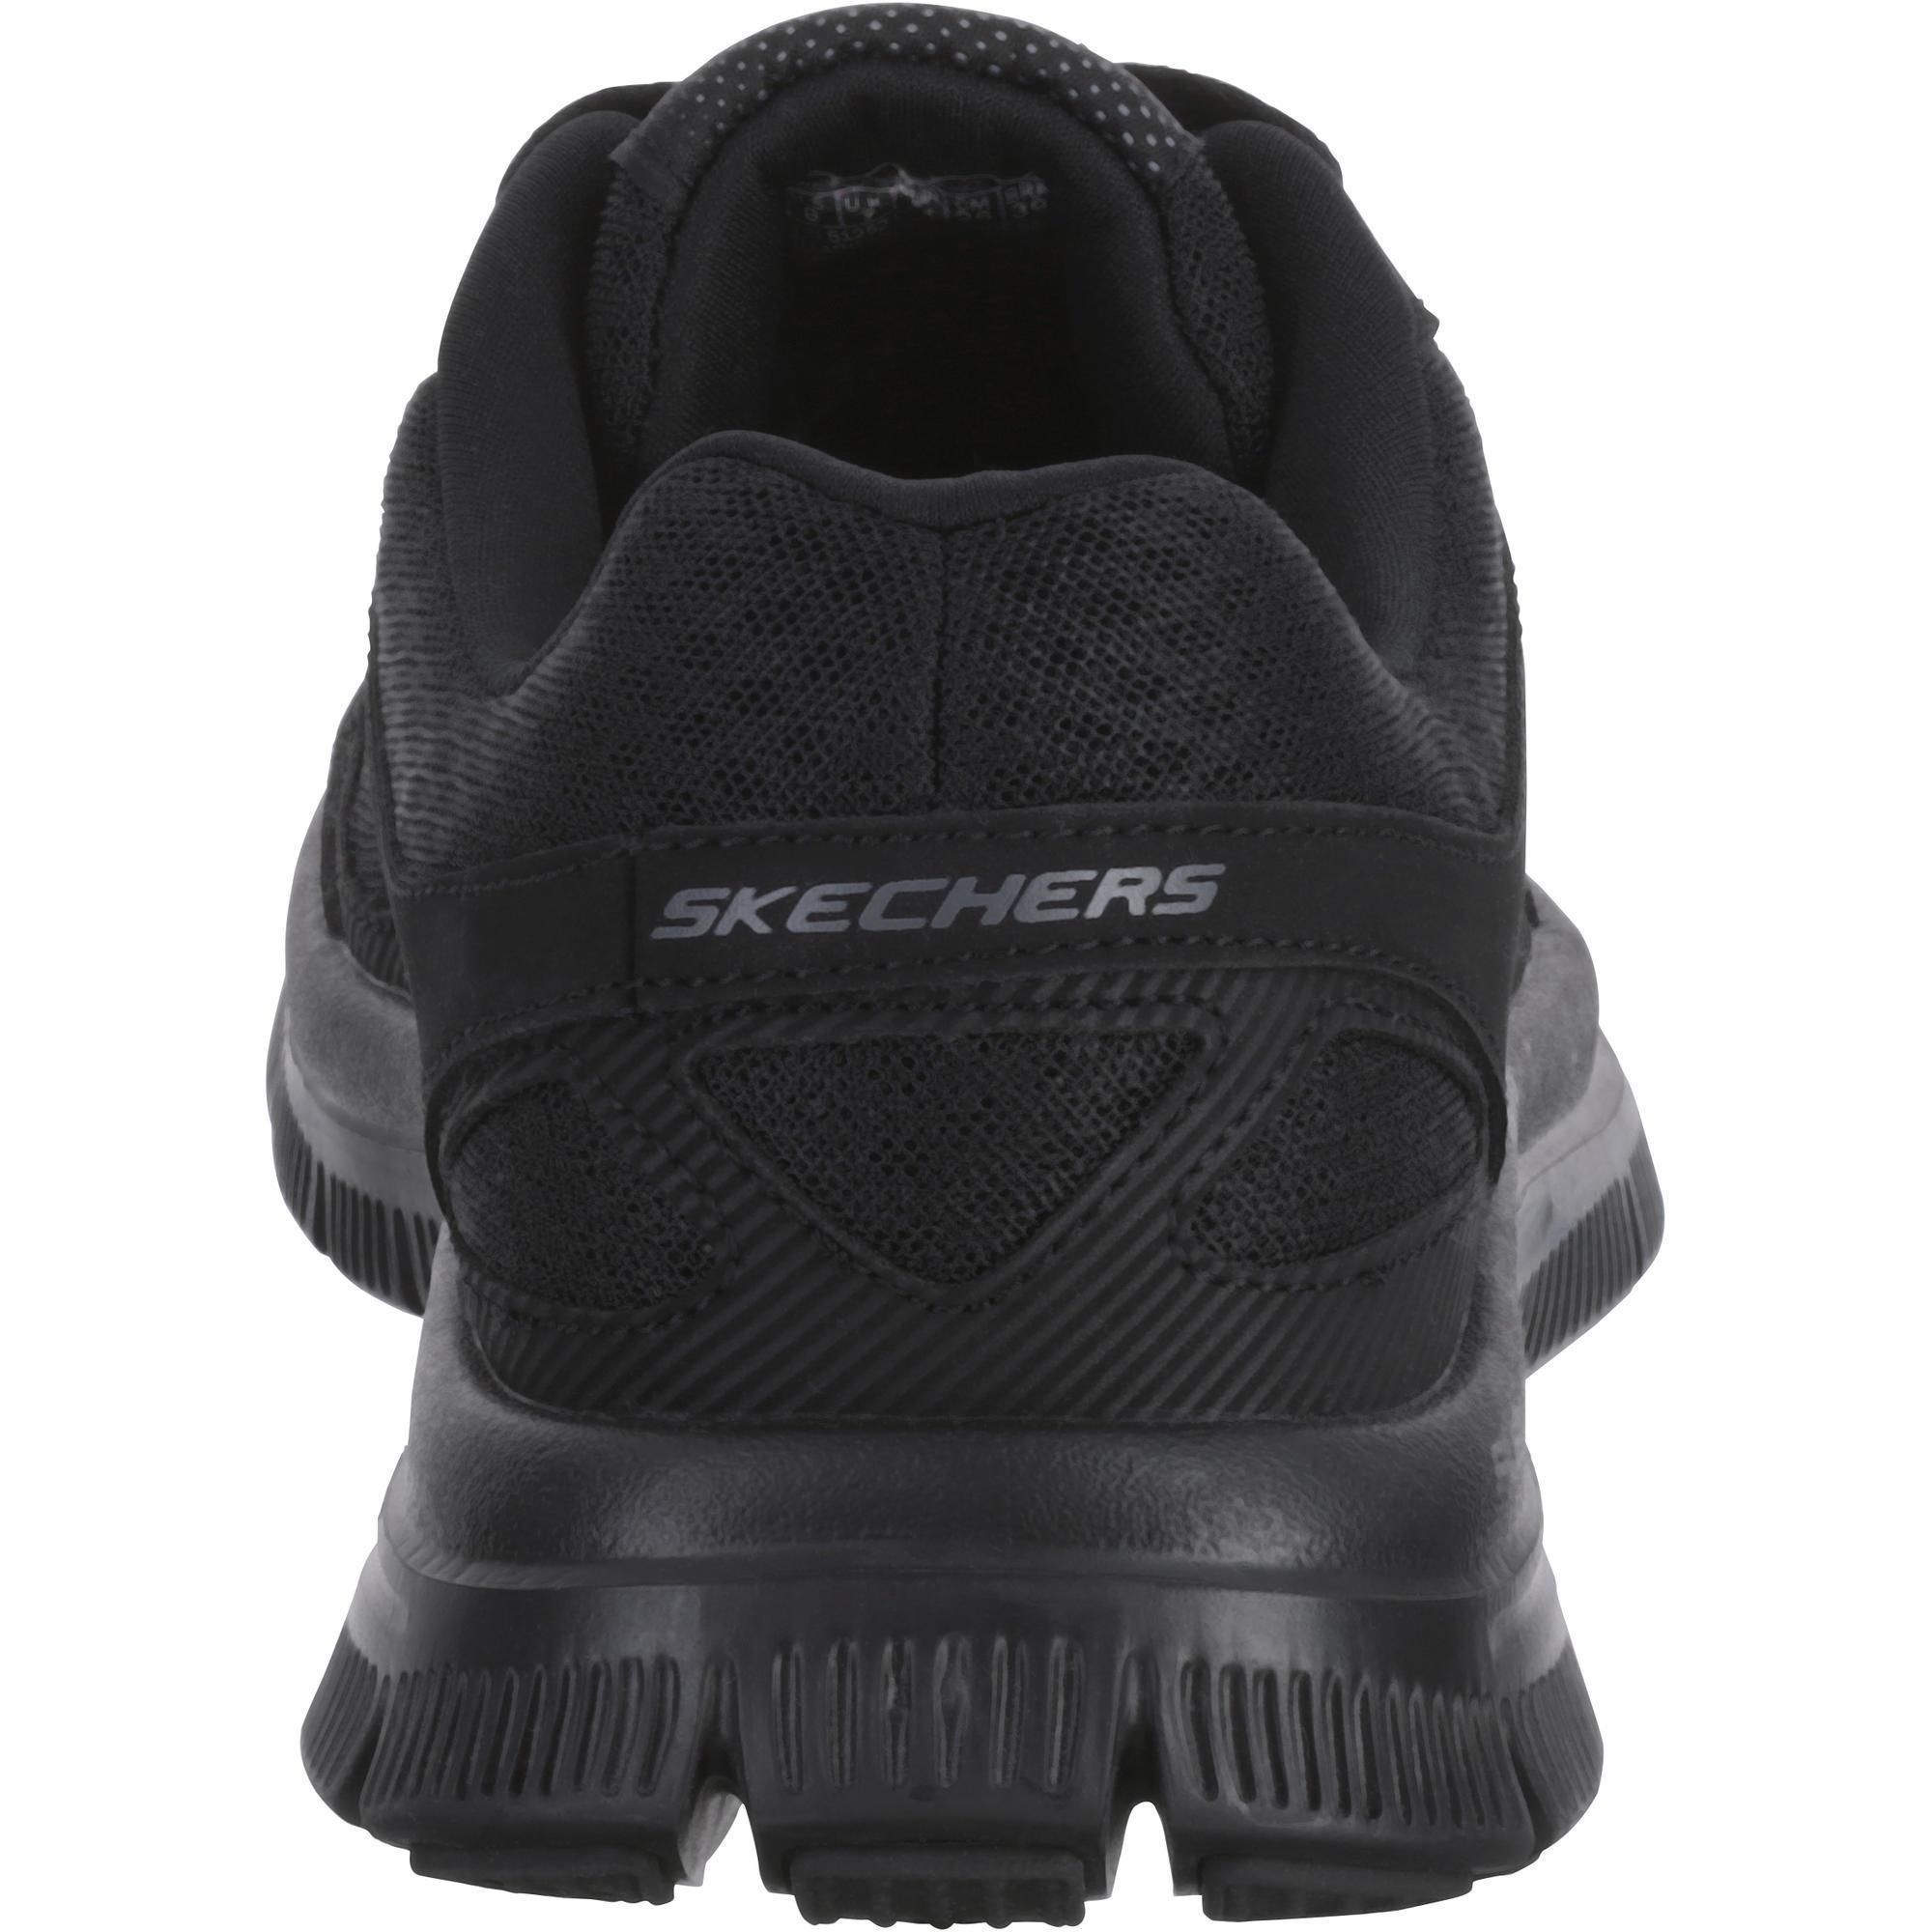 sketcher zapatos usa tinelli blanco